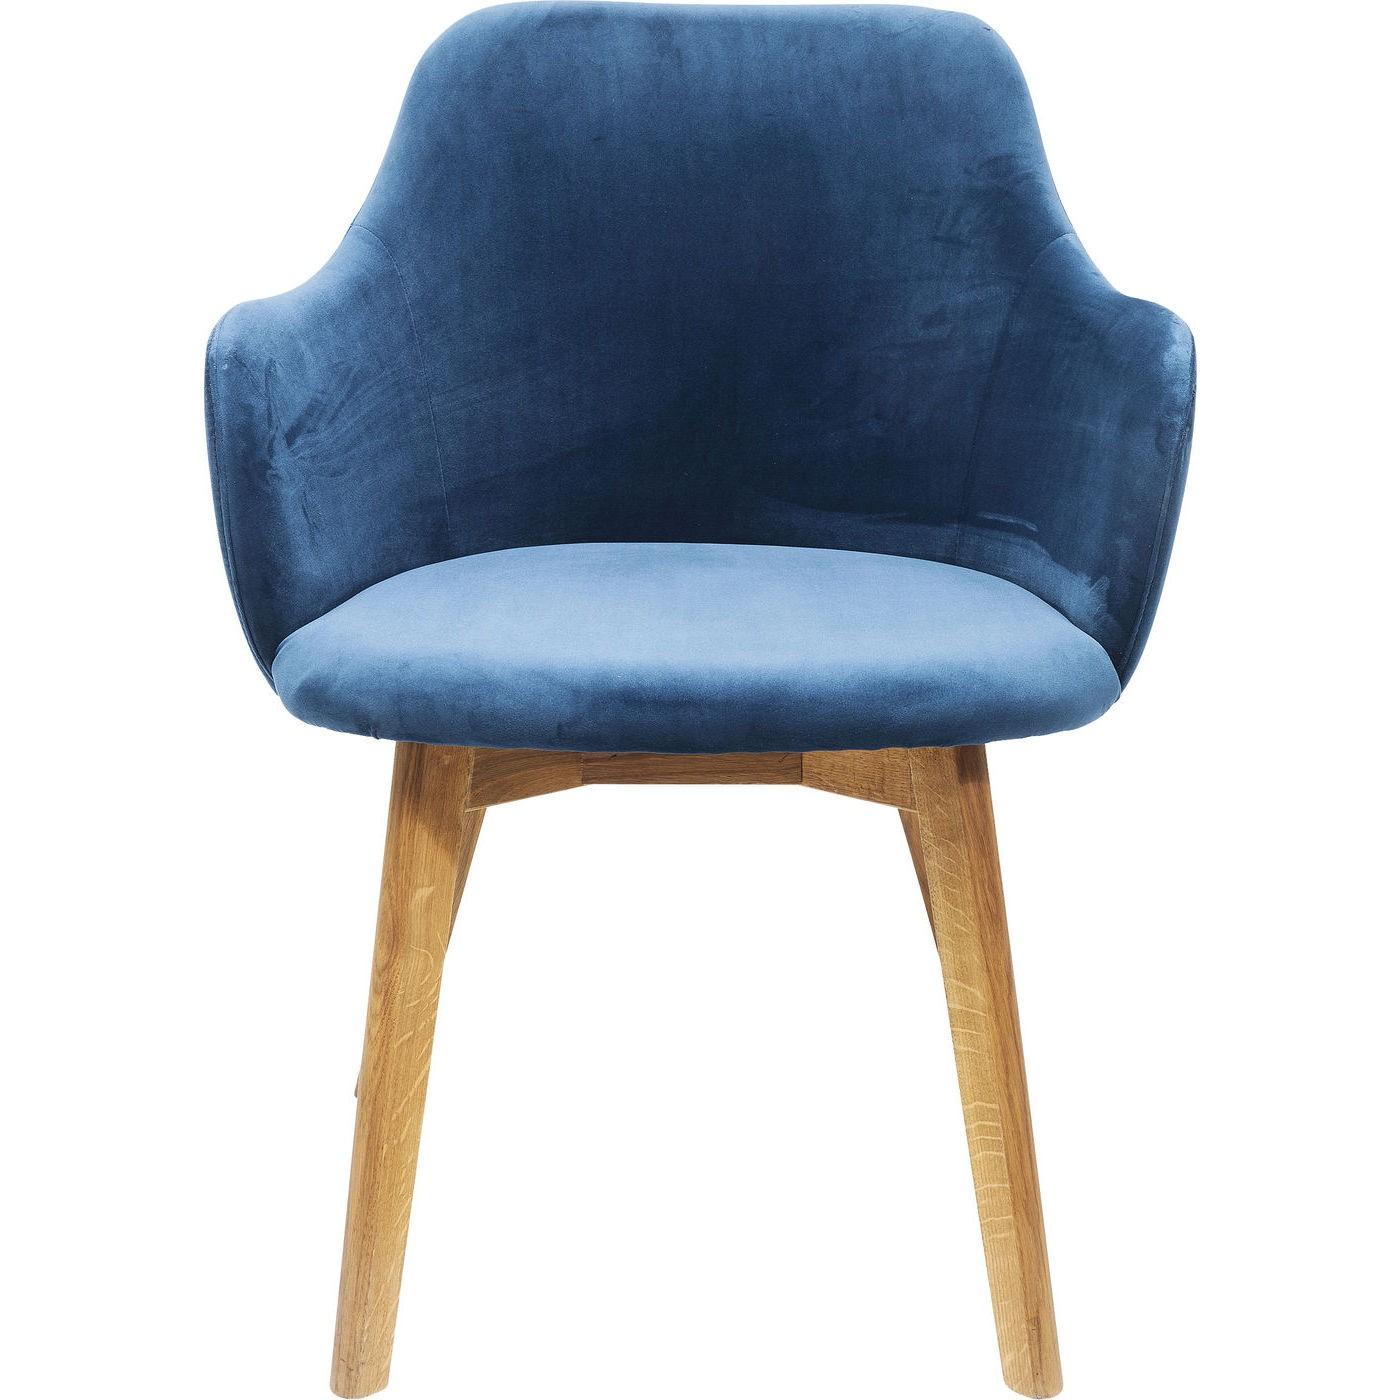 KARE DESIGN Lady Velvet perol spisebordsstol - blåt stof og egetræ, m. armlæn